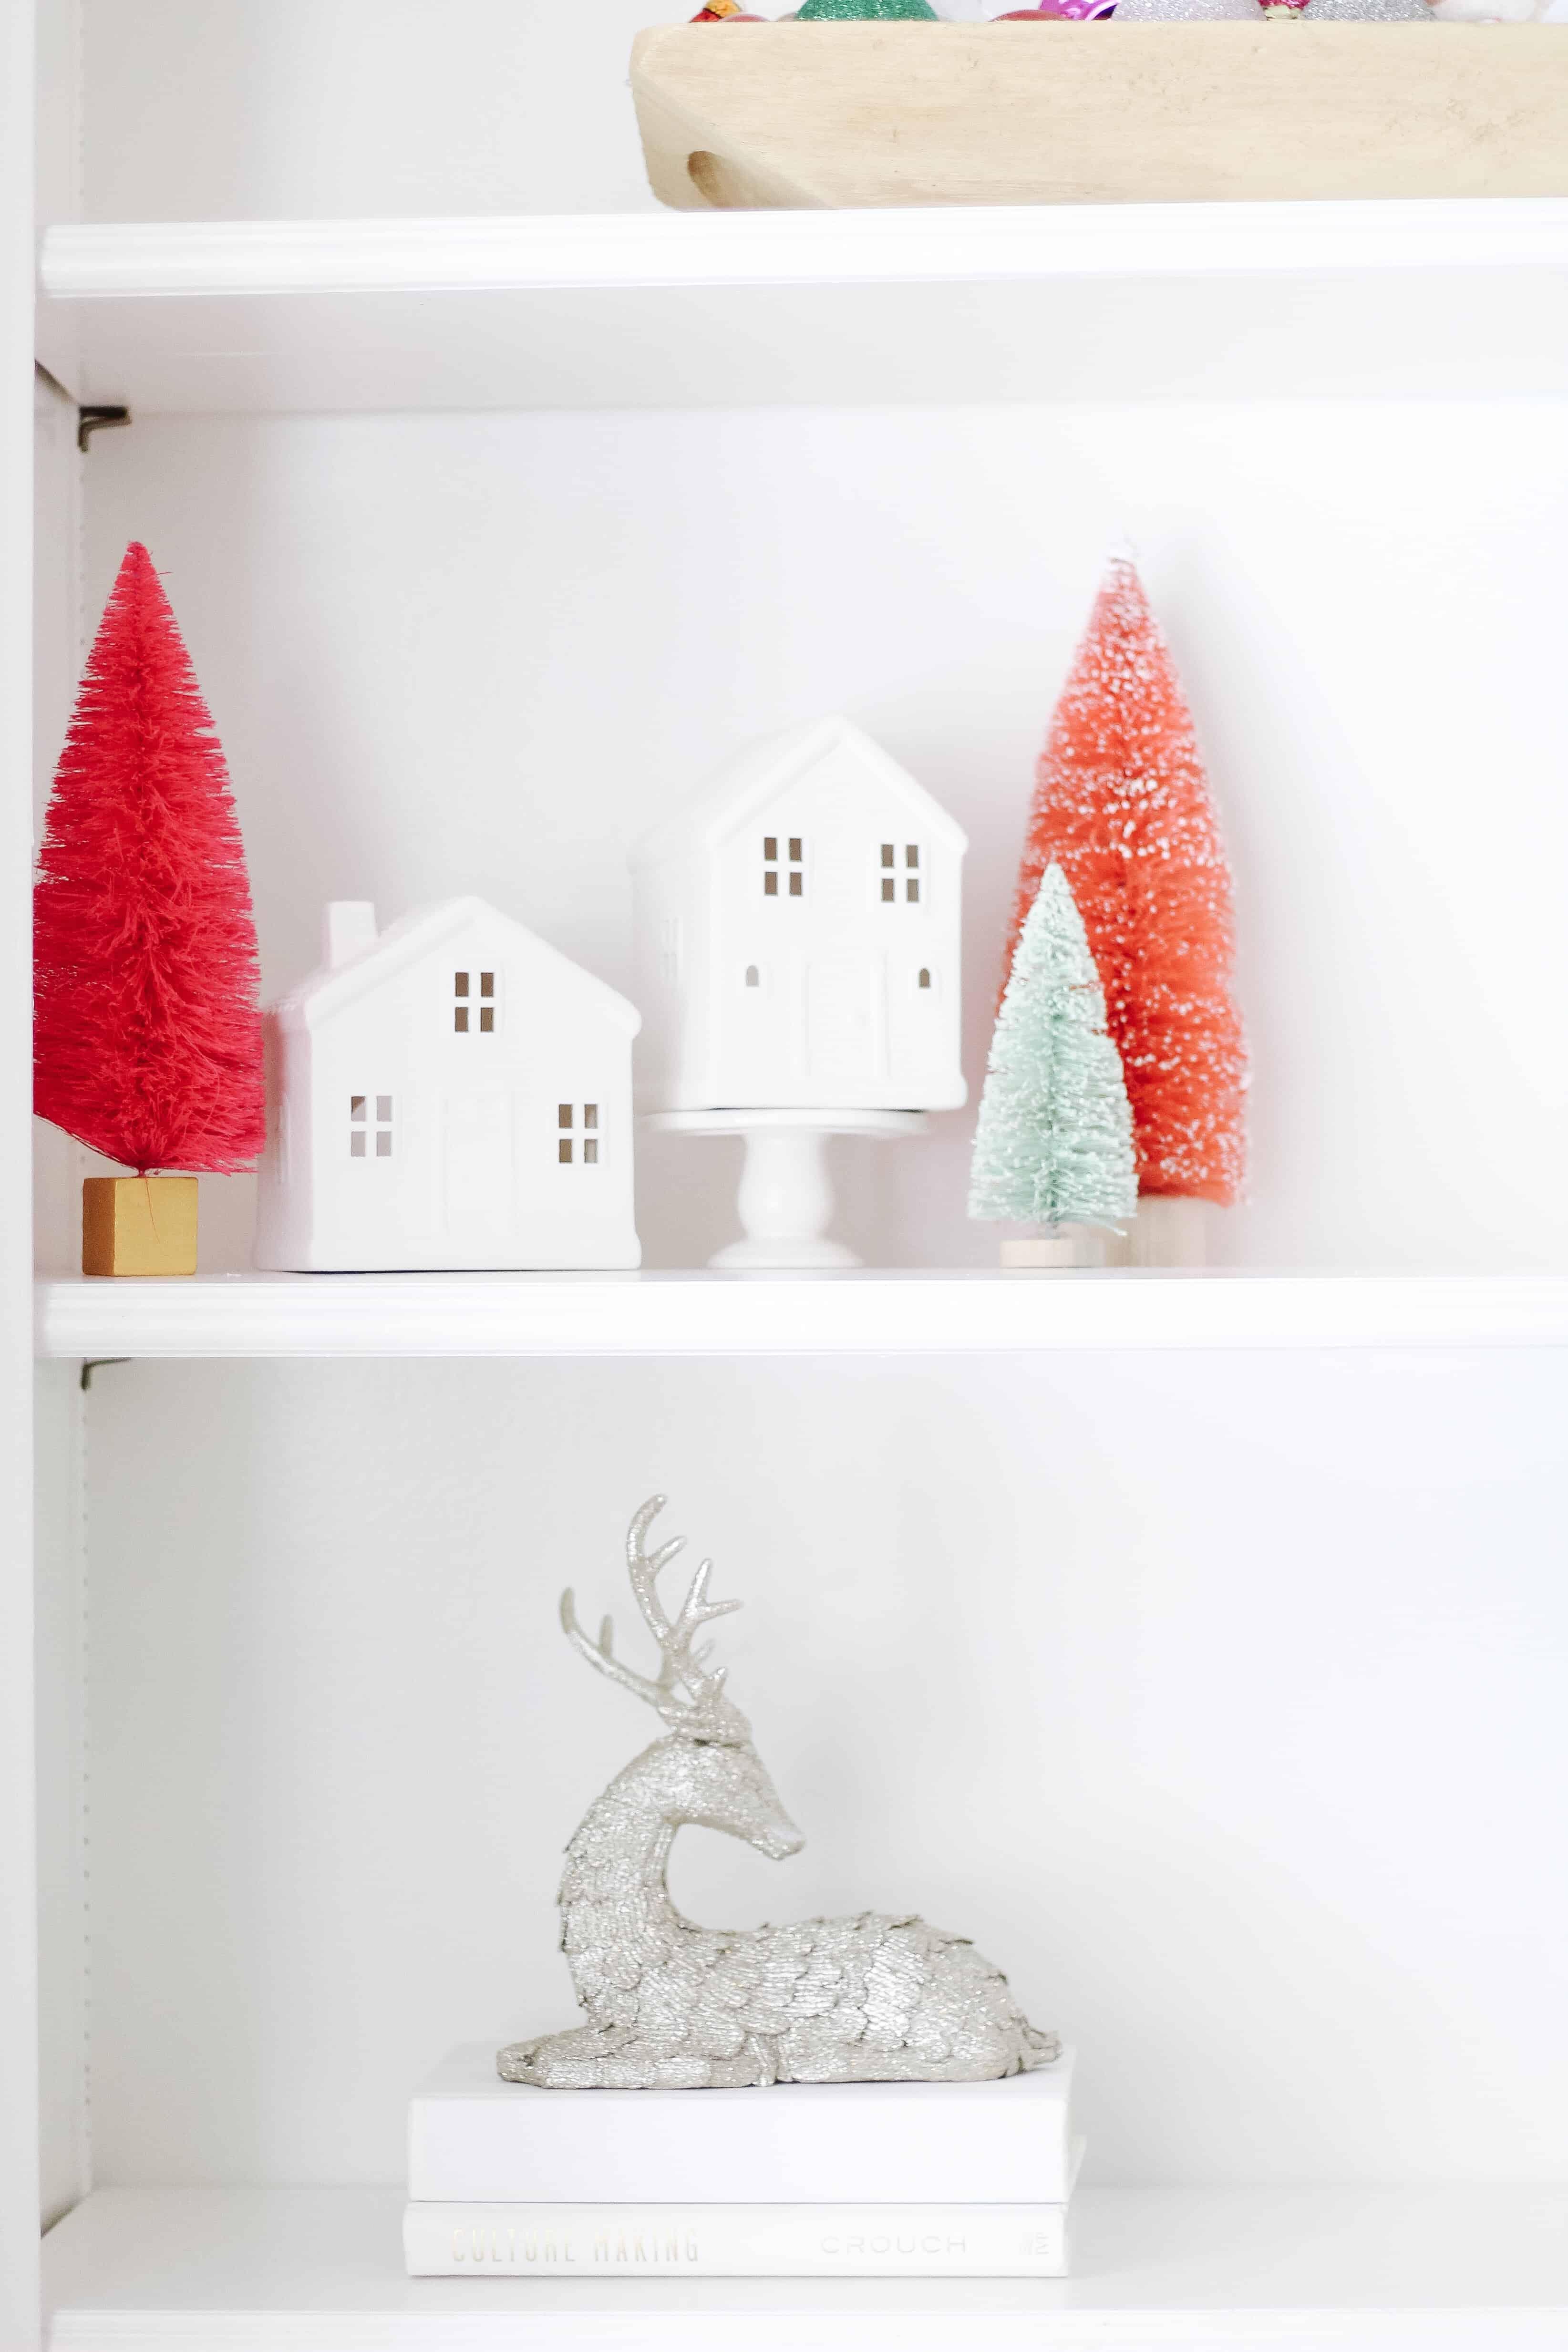 Bottle brush trees and white houses